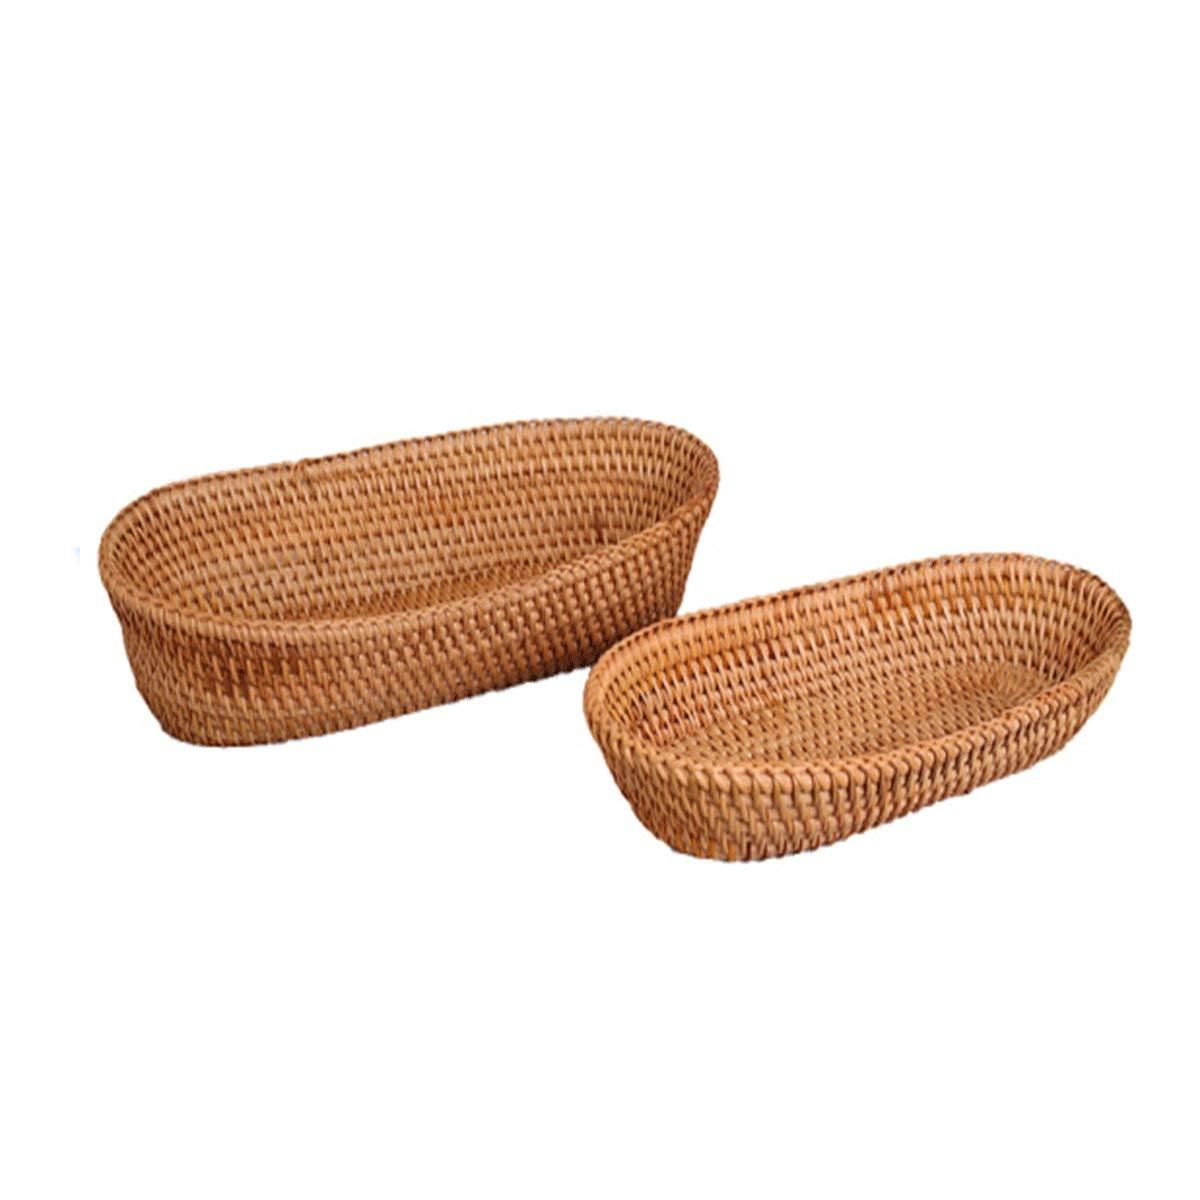 Muziwenju Rattan Bread Basket, Egg and Fruit Basket, Sugar Cake Basket, Vegetable Basket, Food Basket, Small/Large Size, (Size : S)